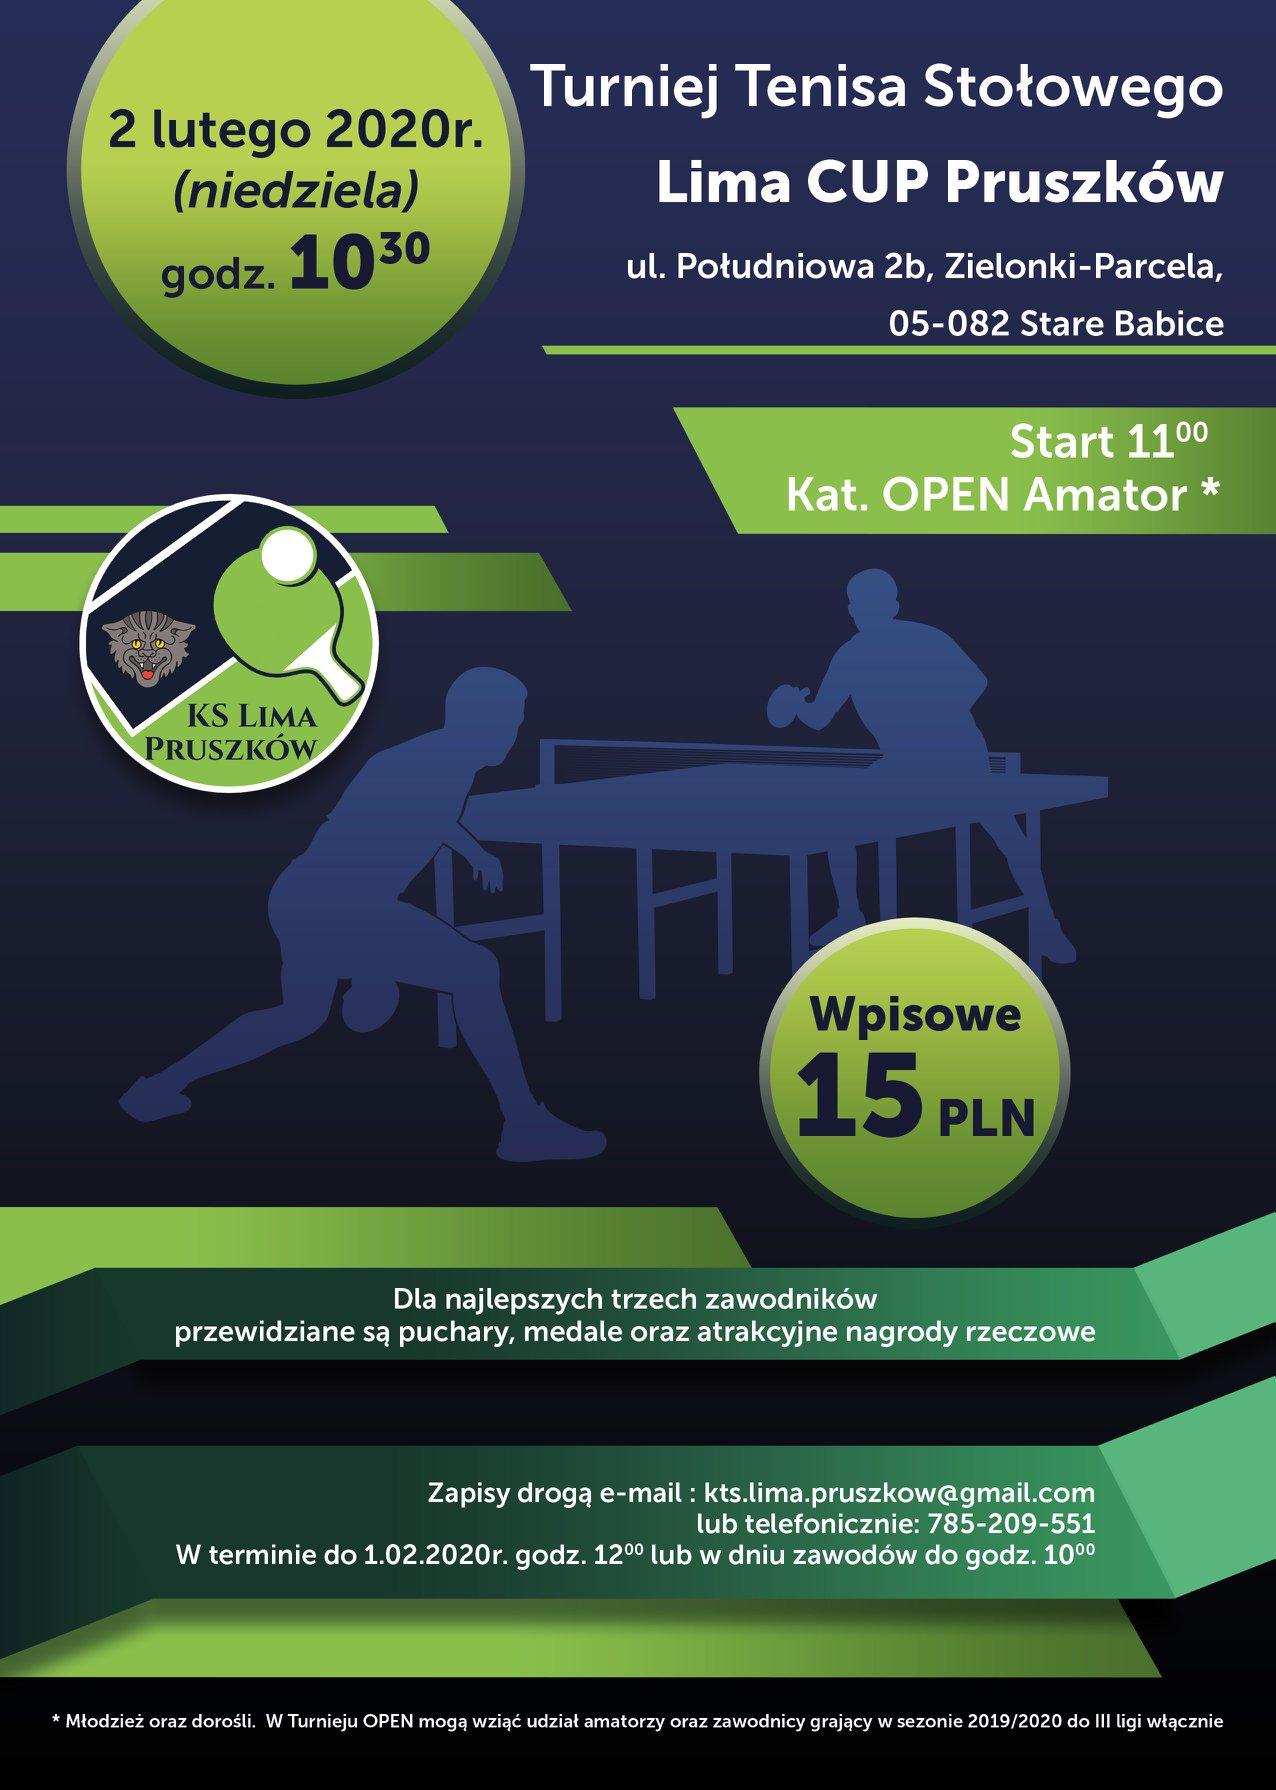 Plakat turnieju Turniej Tenisa Stołowego Lima Cup Pruszków